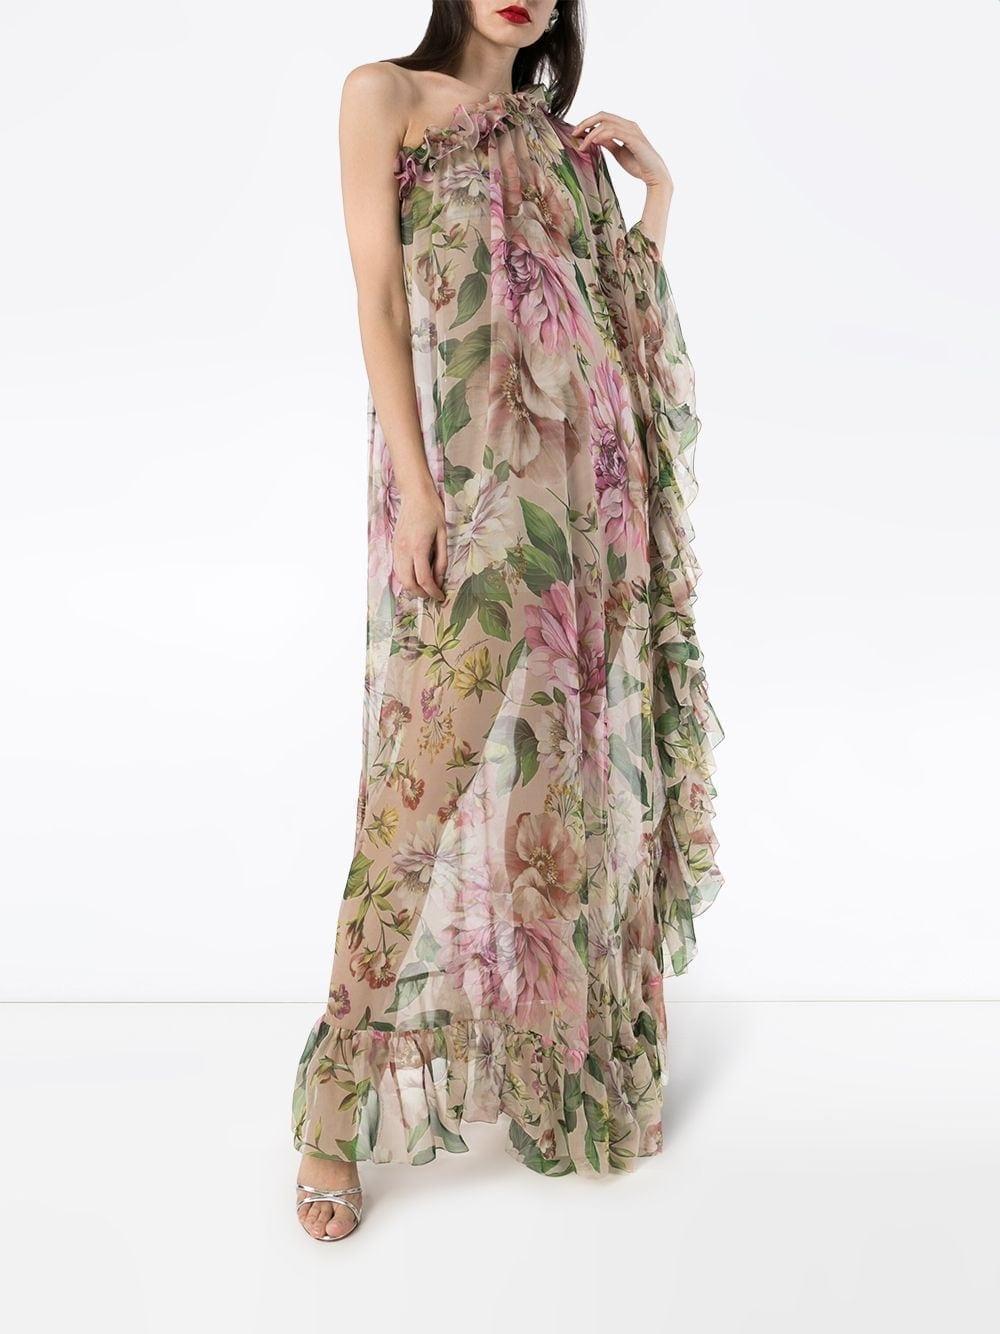 DOLCE & GABBANA One-shoulder Rose-print Dress